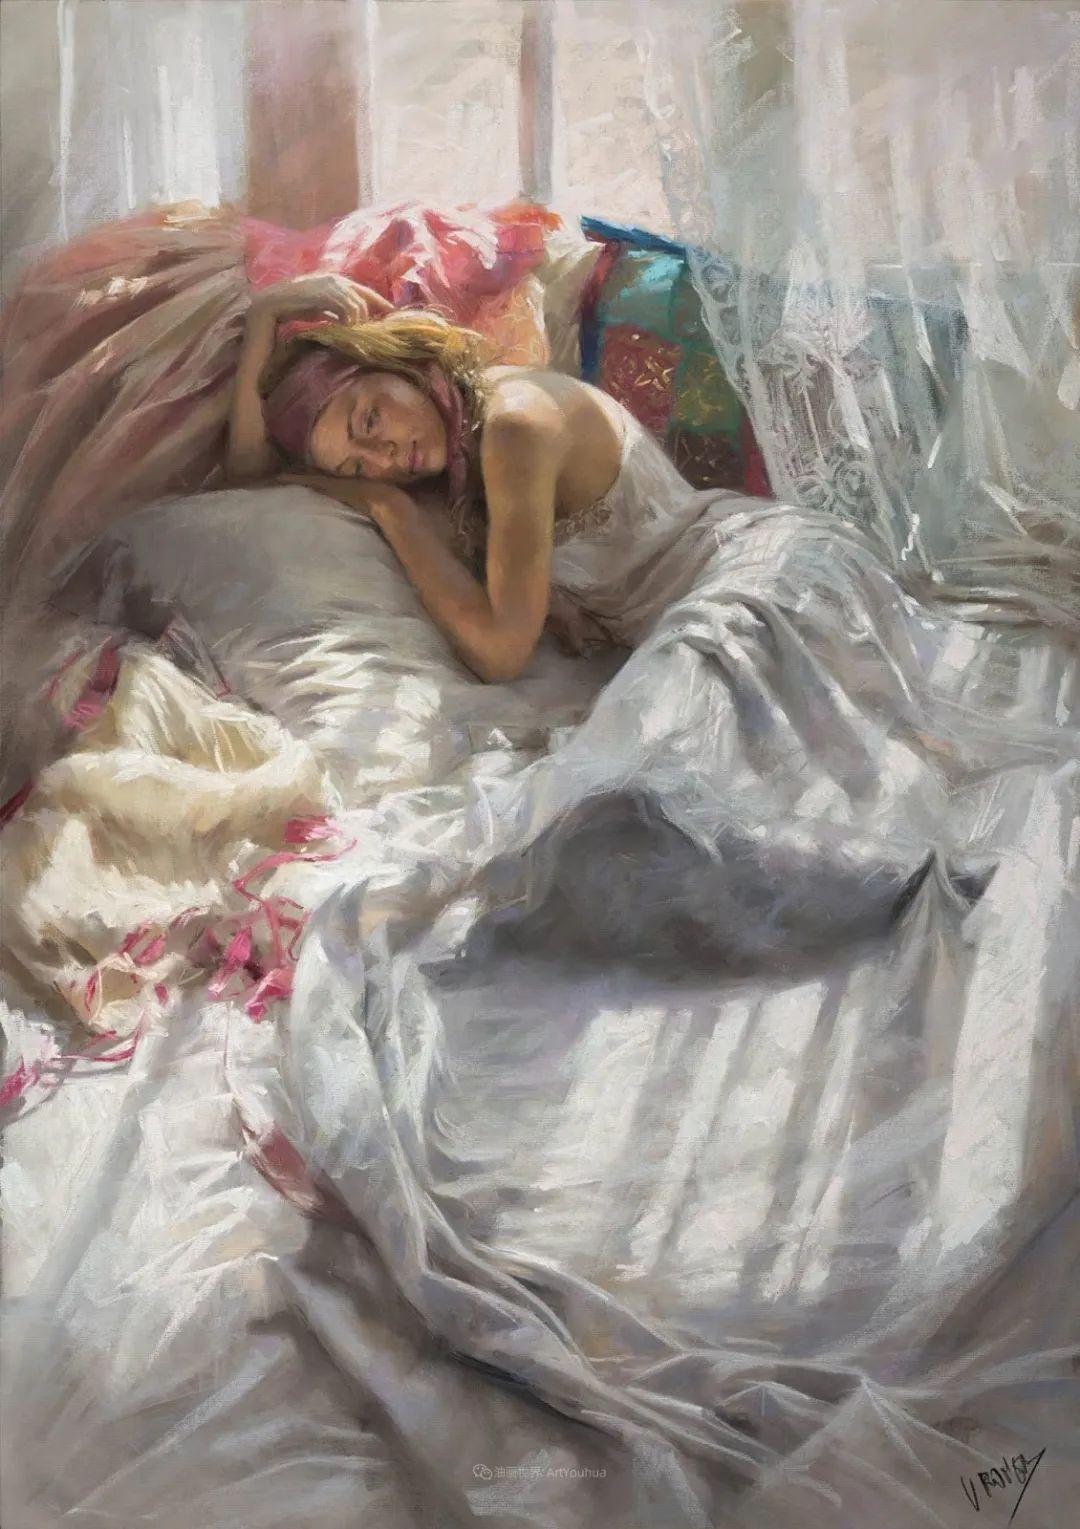 地中海暖阳下,穿裙的女子,浪漫美丽!插图39